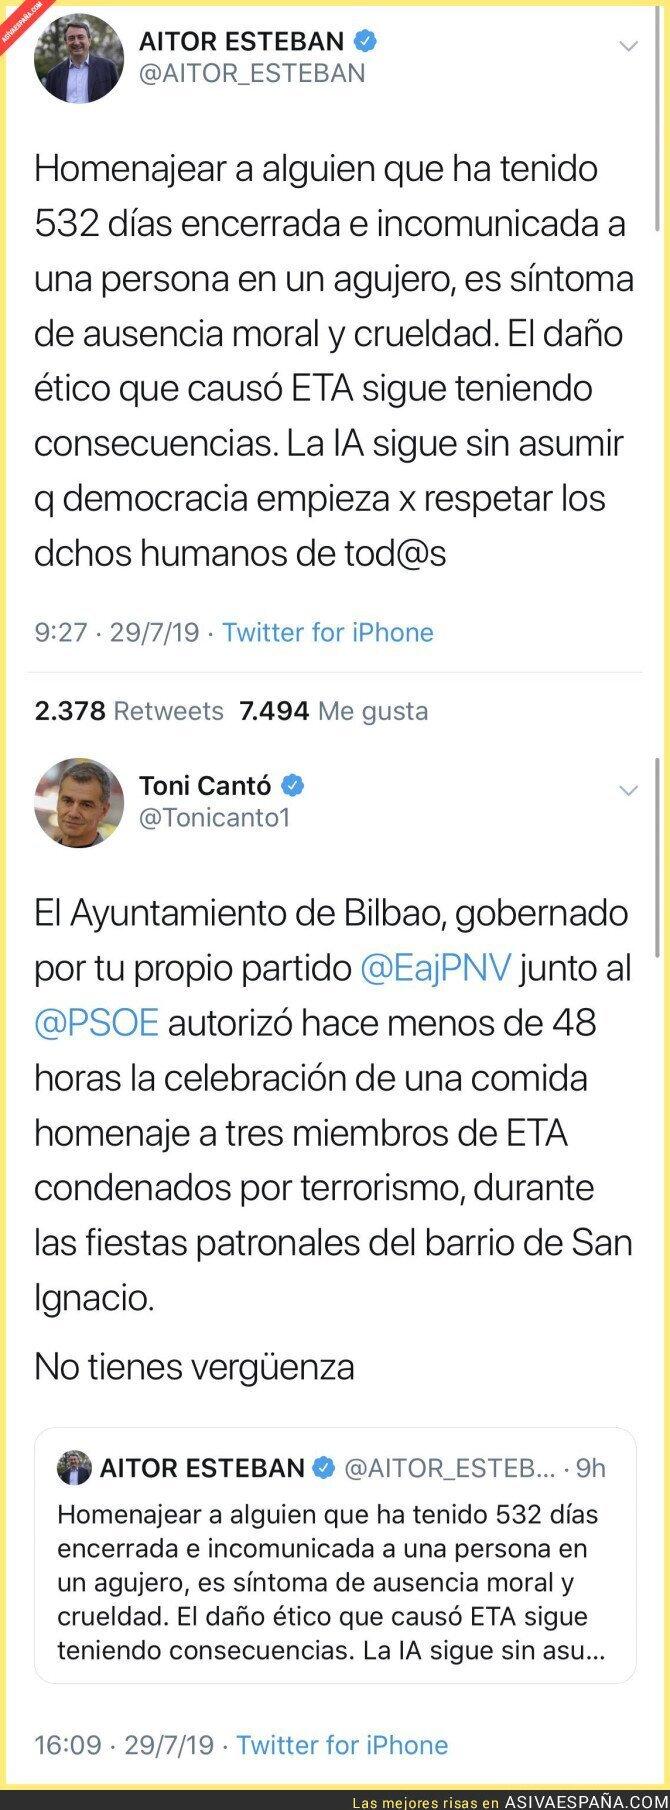 117634 - Toni Cantó le hace un pequeño recordatorio a Aitor Esteban